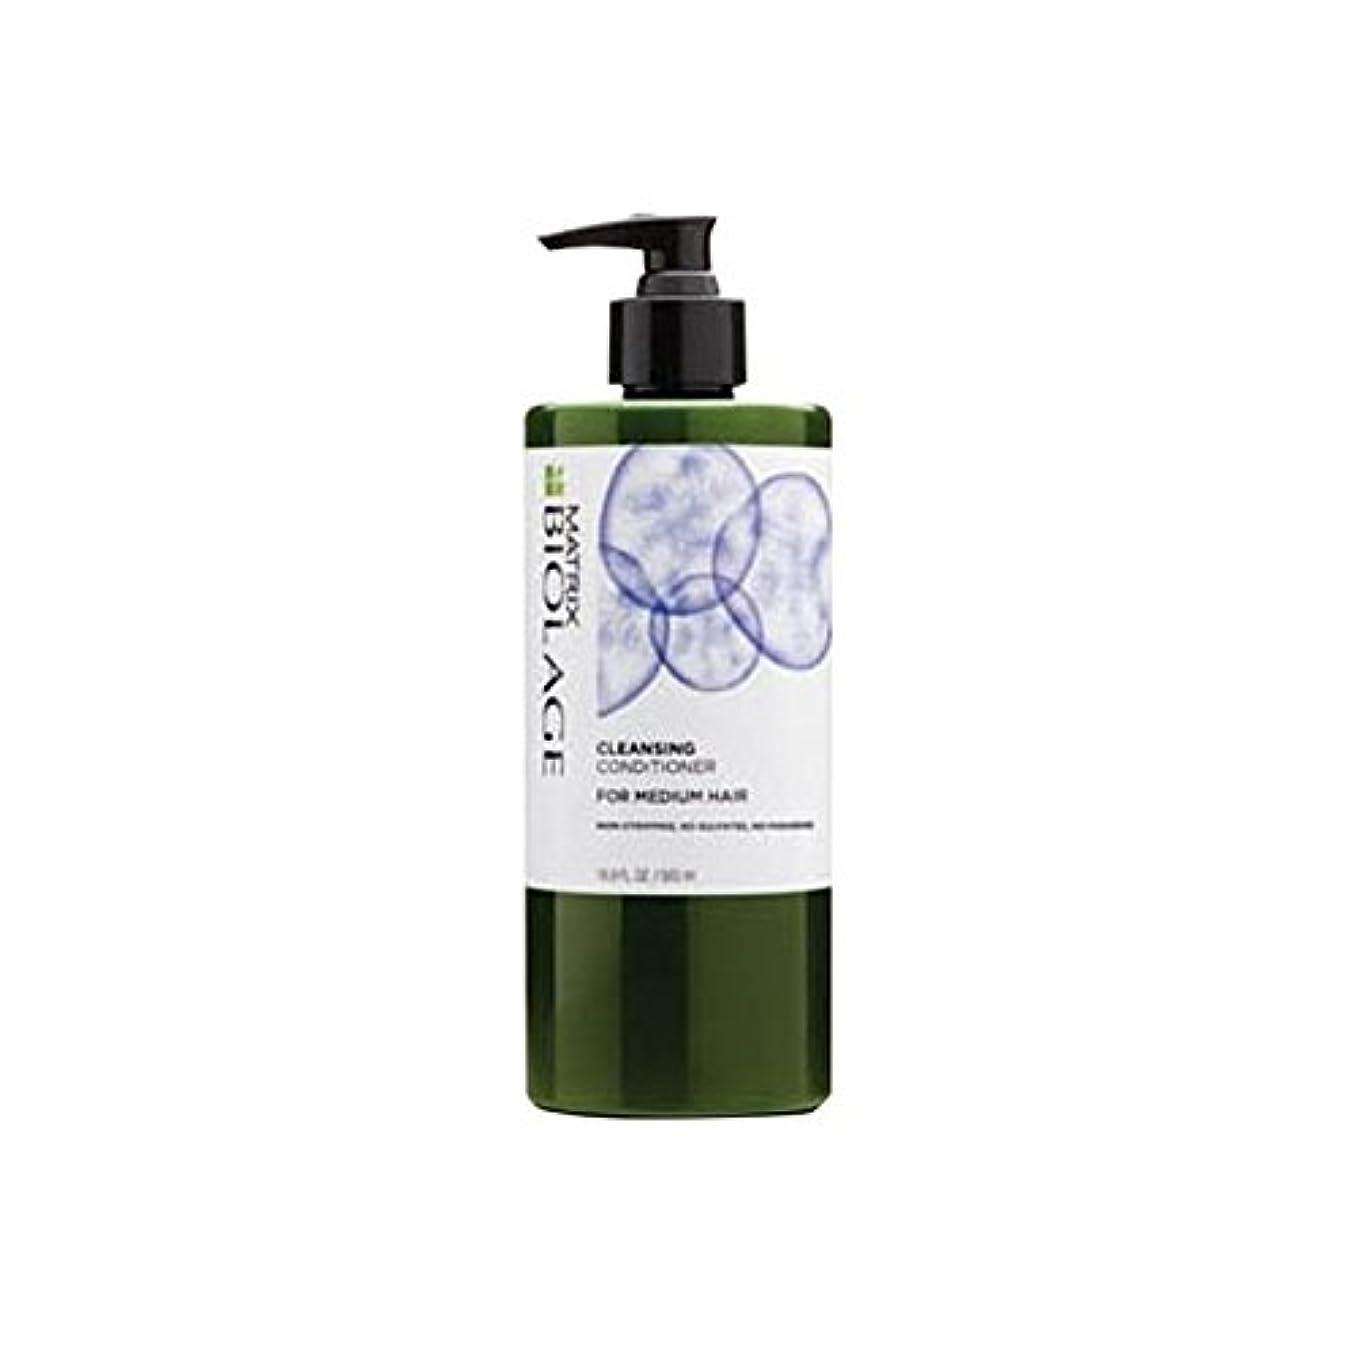 特権的けん引思い出させるマトリックスバイオレイジクレンジングコンディショナー - メディア髪(500ミリリットル) x4 - Matrix Biolage Cleansing Conditioner - Medium Hair (500ml)...